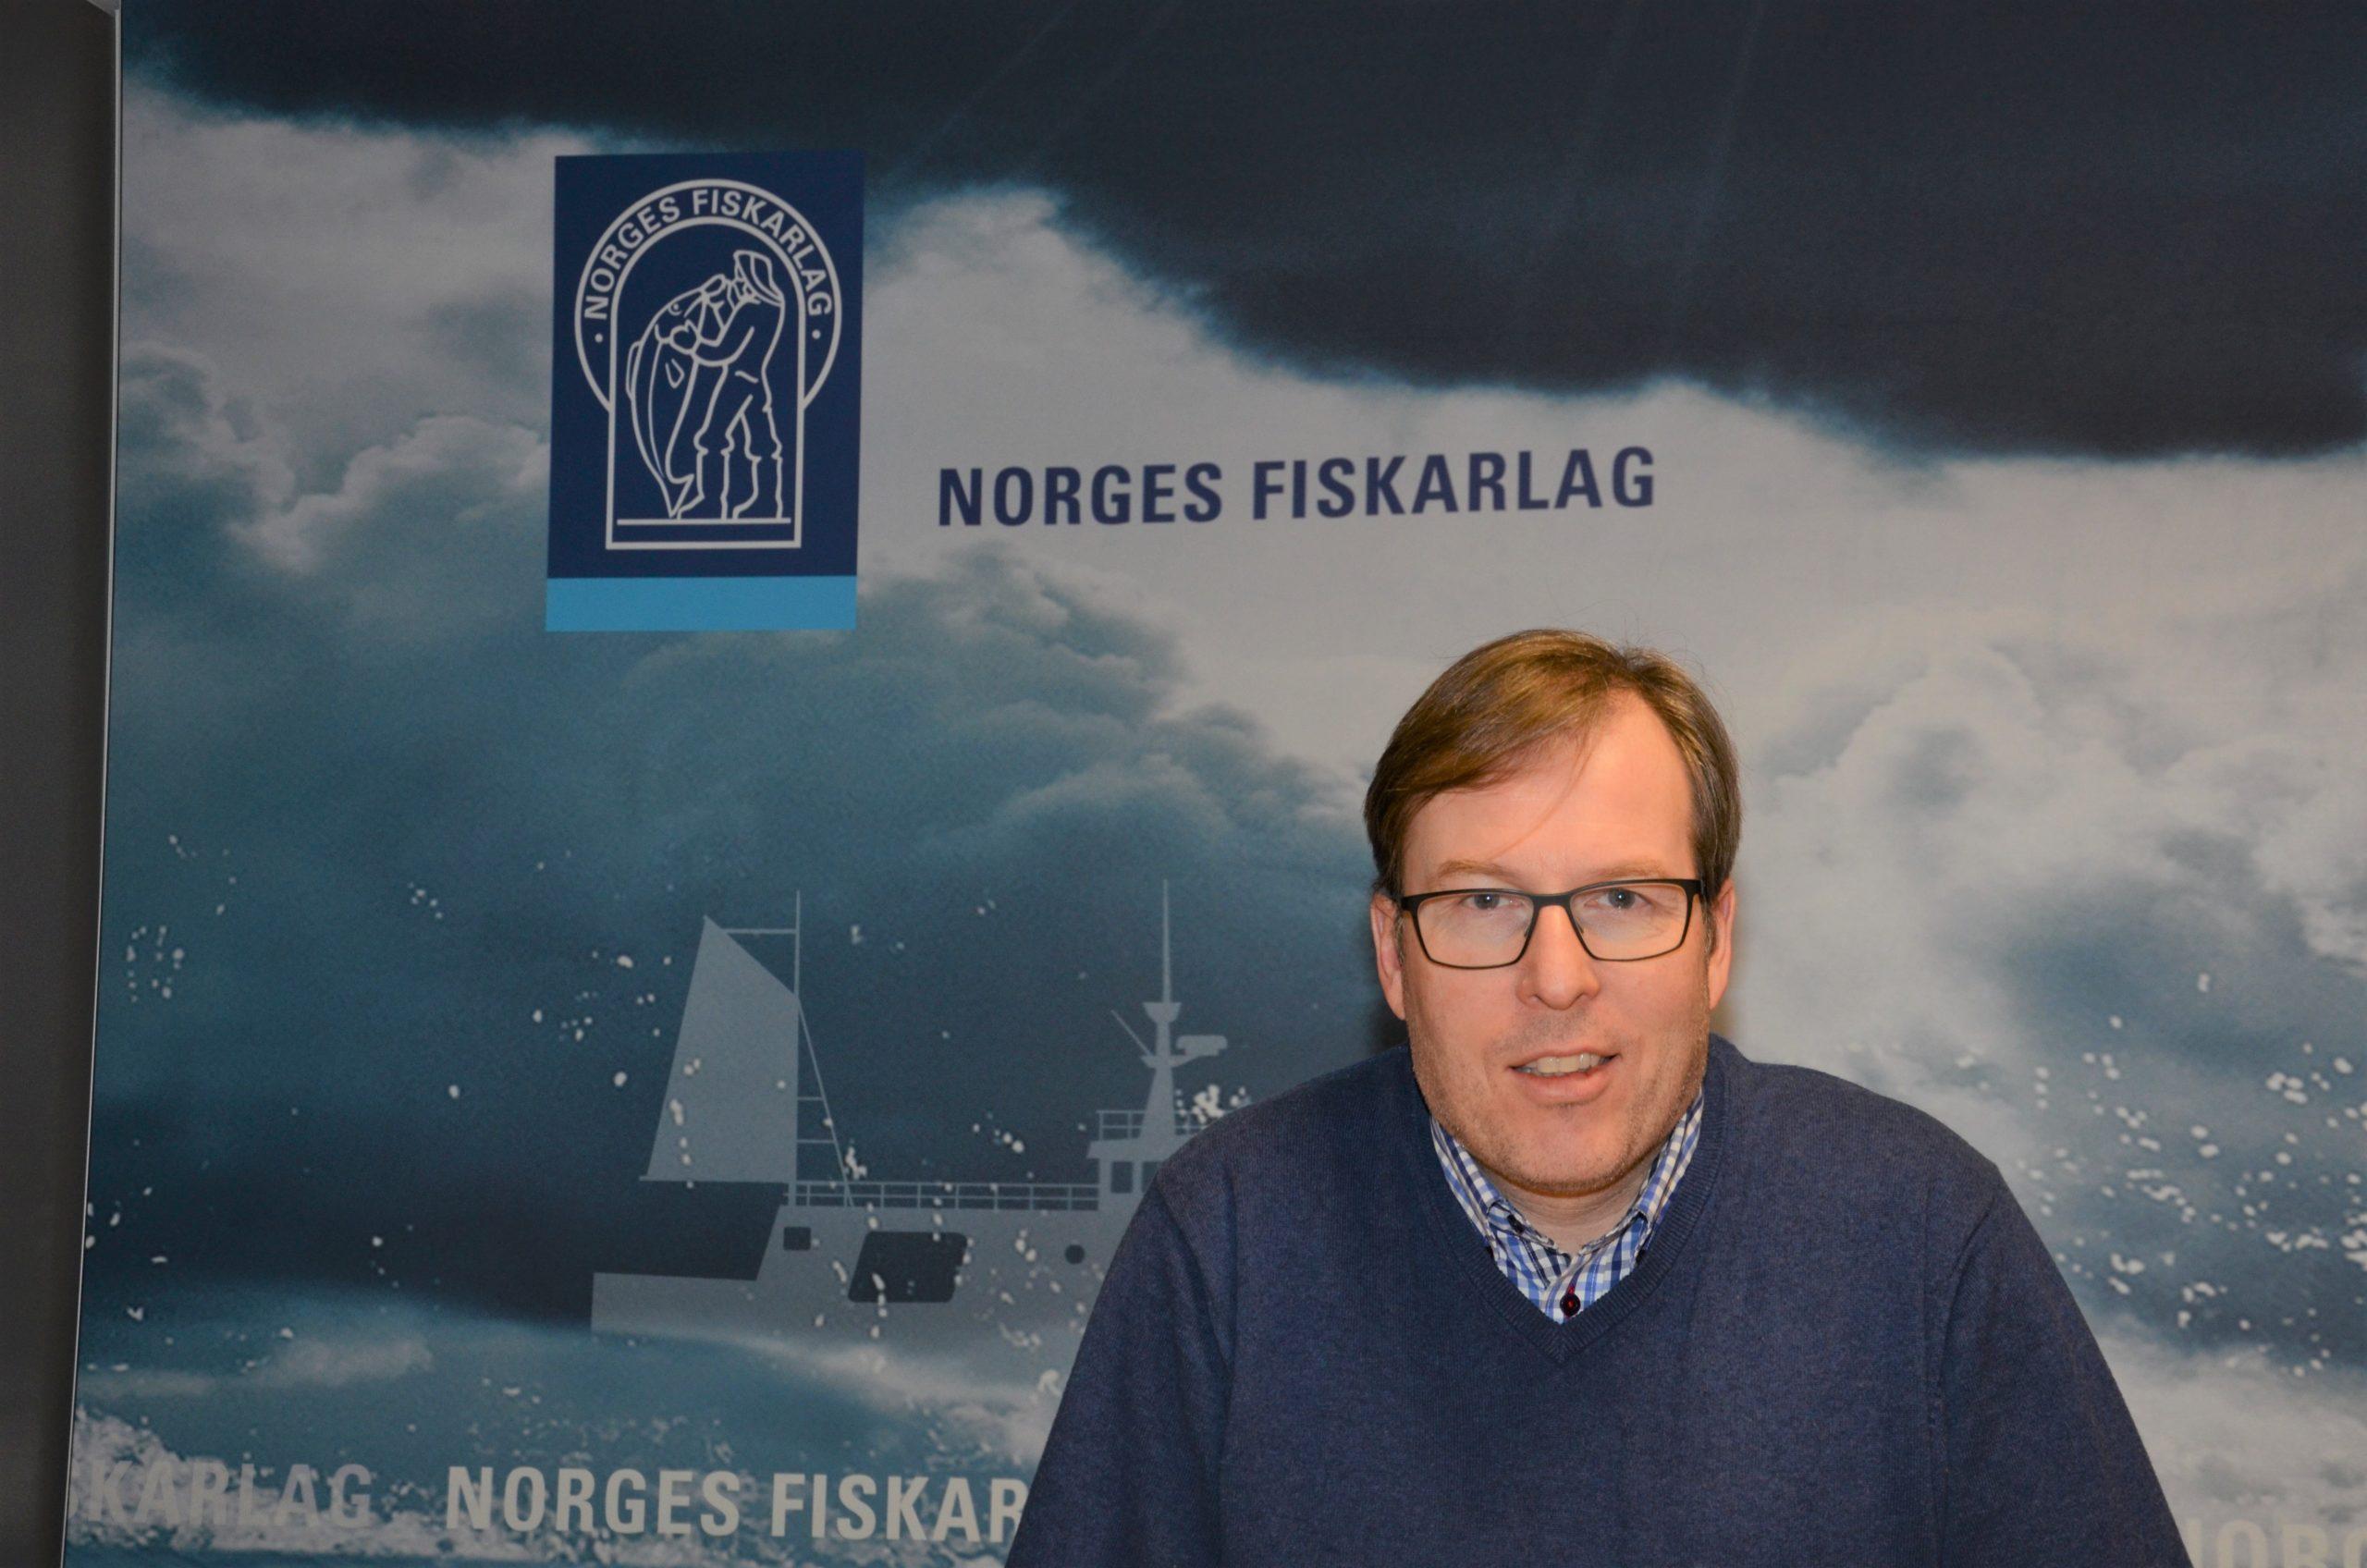 Jan Erik Indtrestrand i Norges Fiskarlag